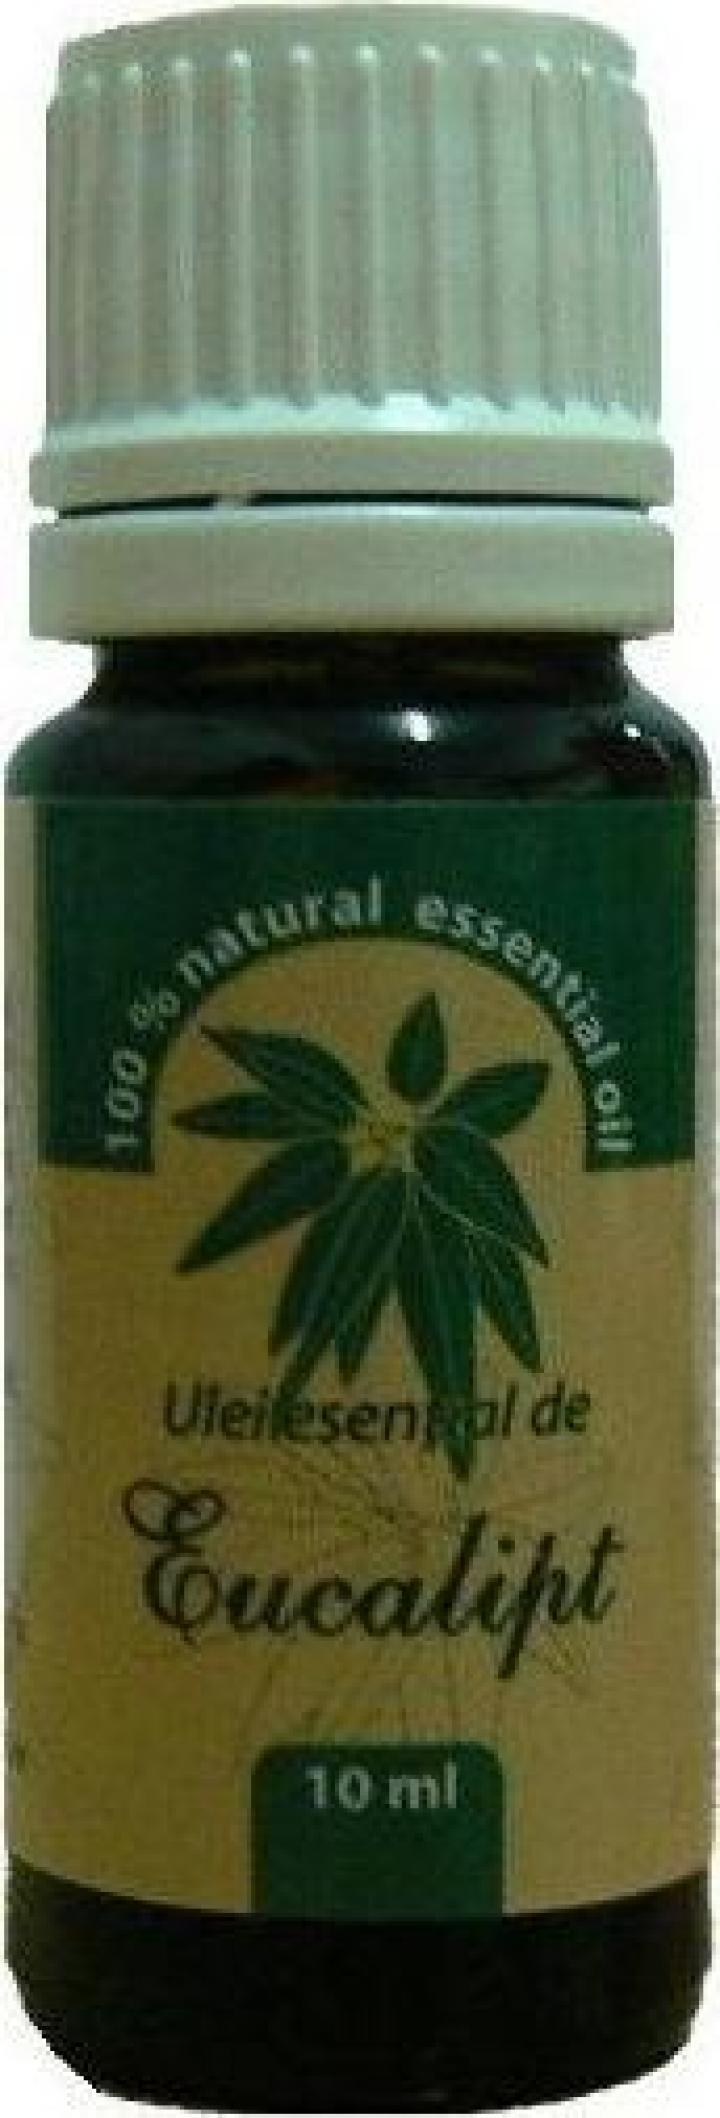 Ulei esential de Eucalipt - 10 ml Herbavit